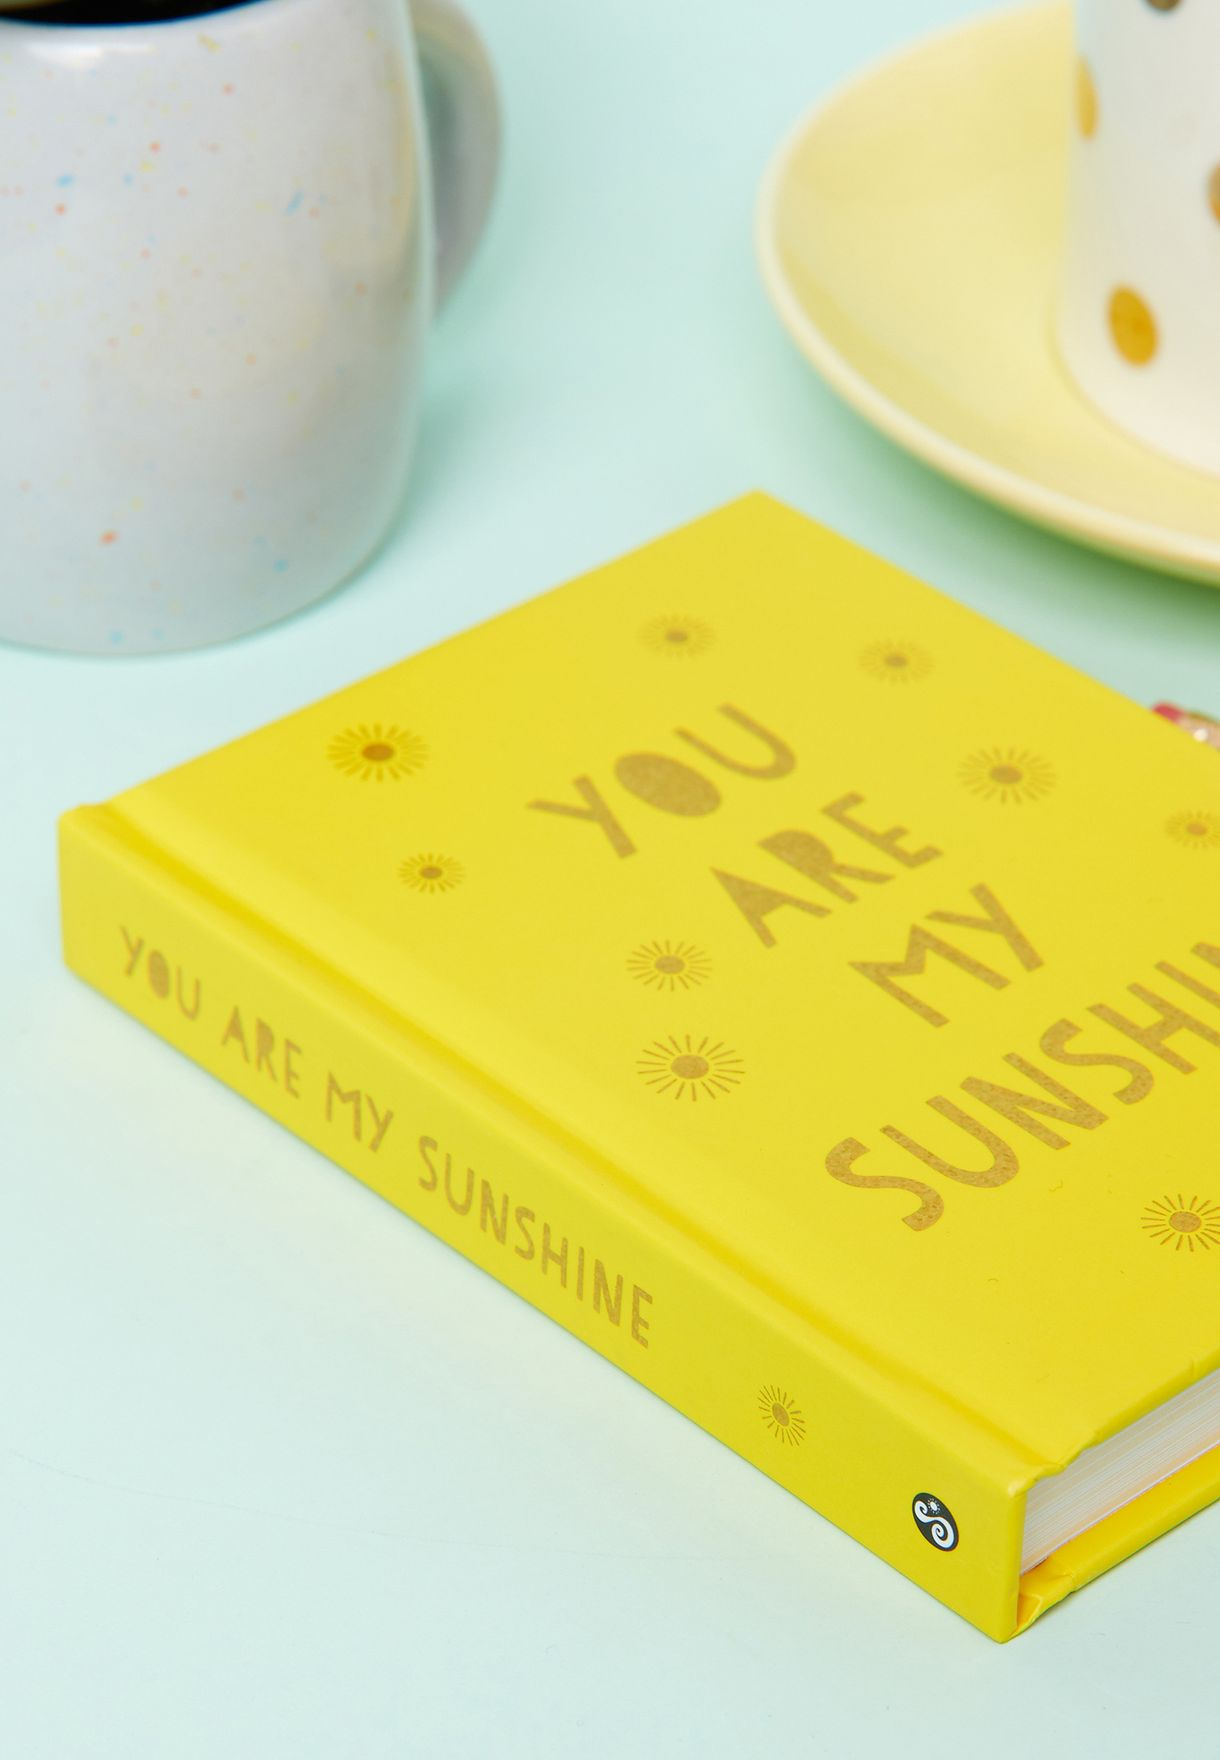 كتاب يو ار ماي سن شاين